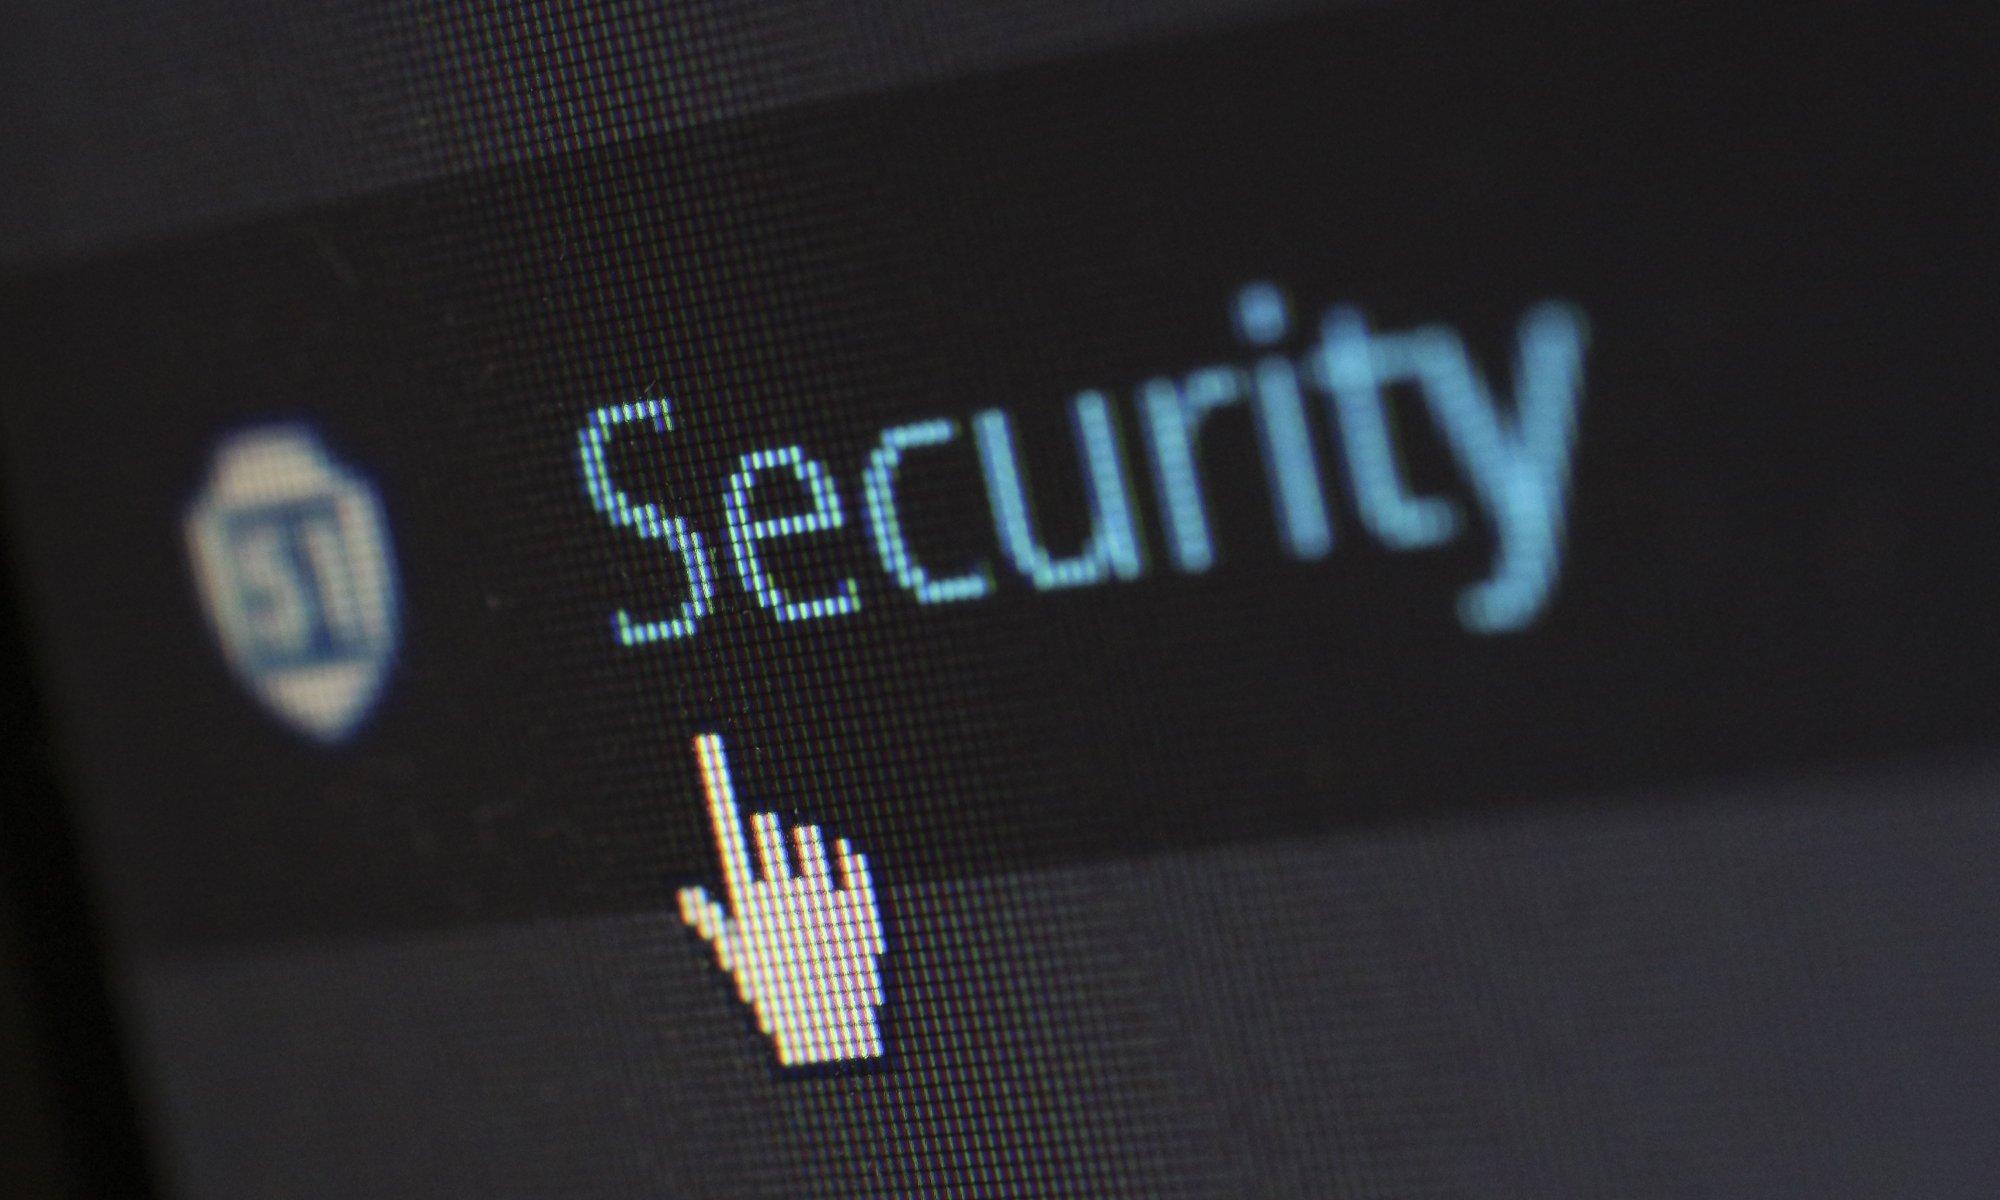 Chrome misstraut bald sämtlichen Symantec Zertifikaten